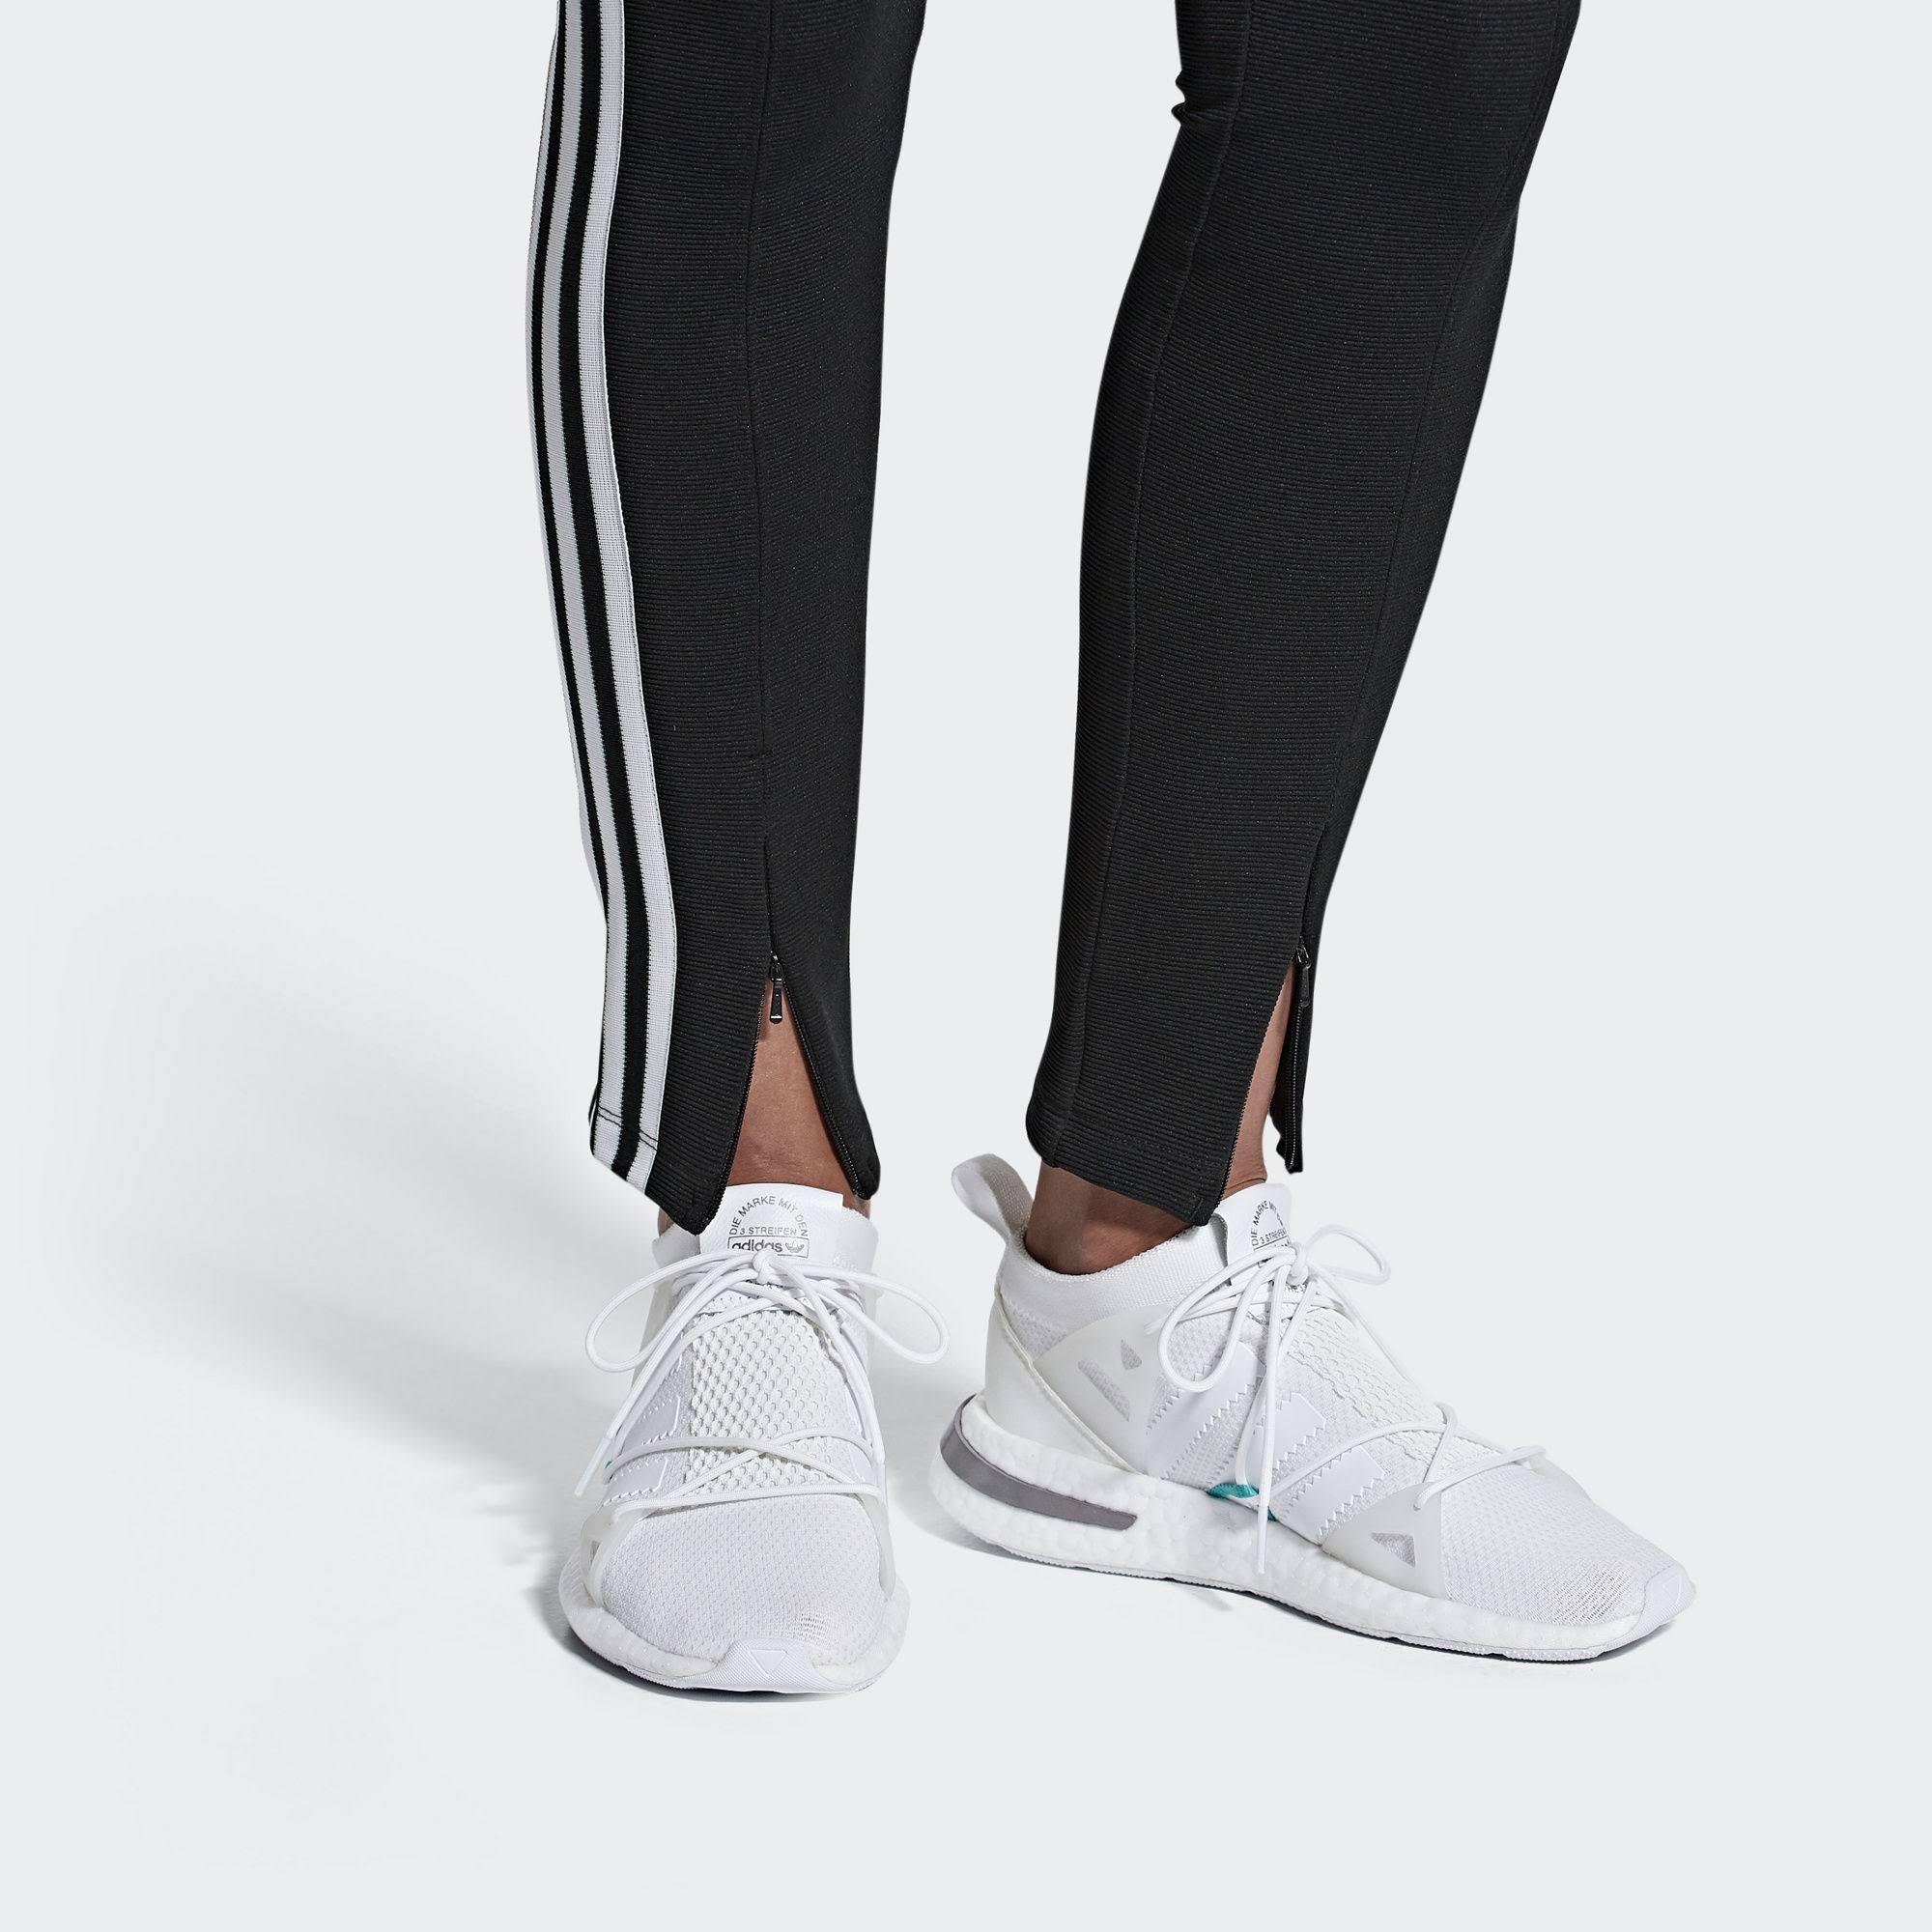 BMedio Biancoftwr Biancogrigio Adidas Arkyn Originals W da Uno11 Scarpe Ftwr donna QrdCBxeWo